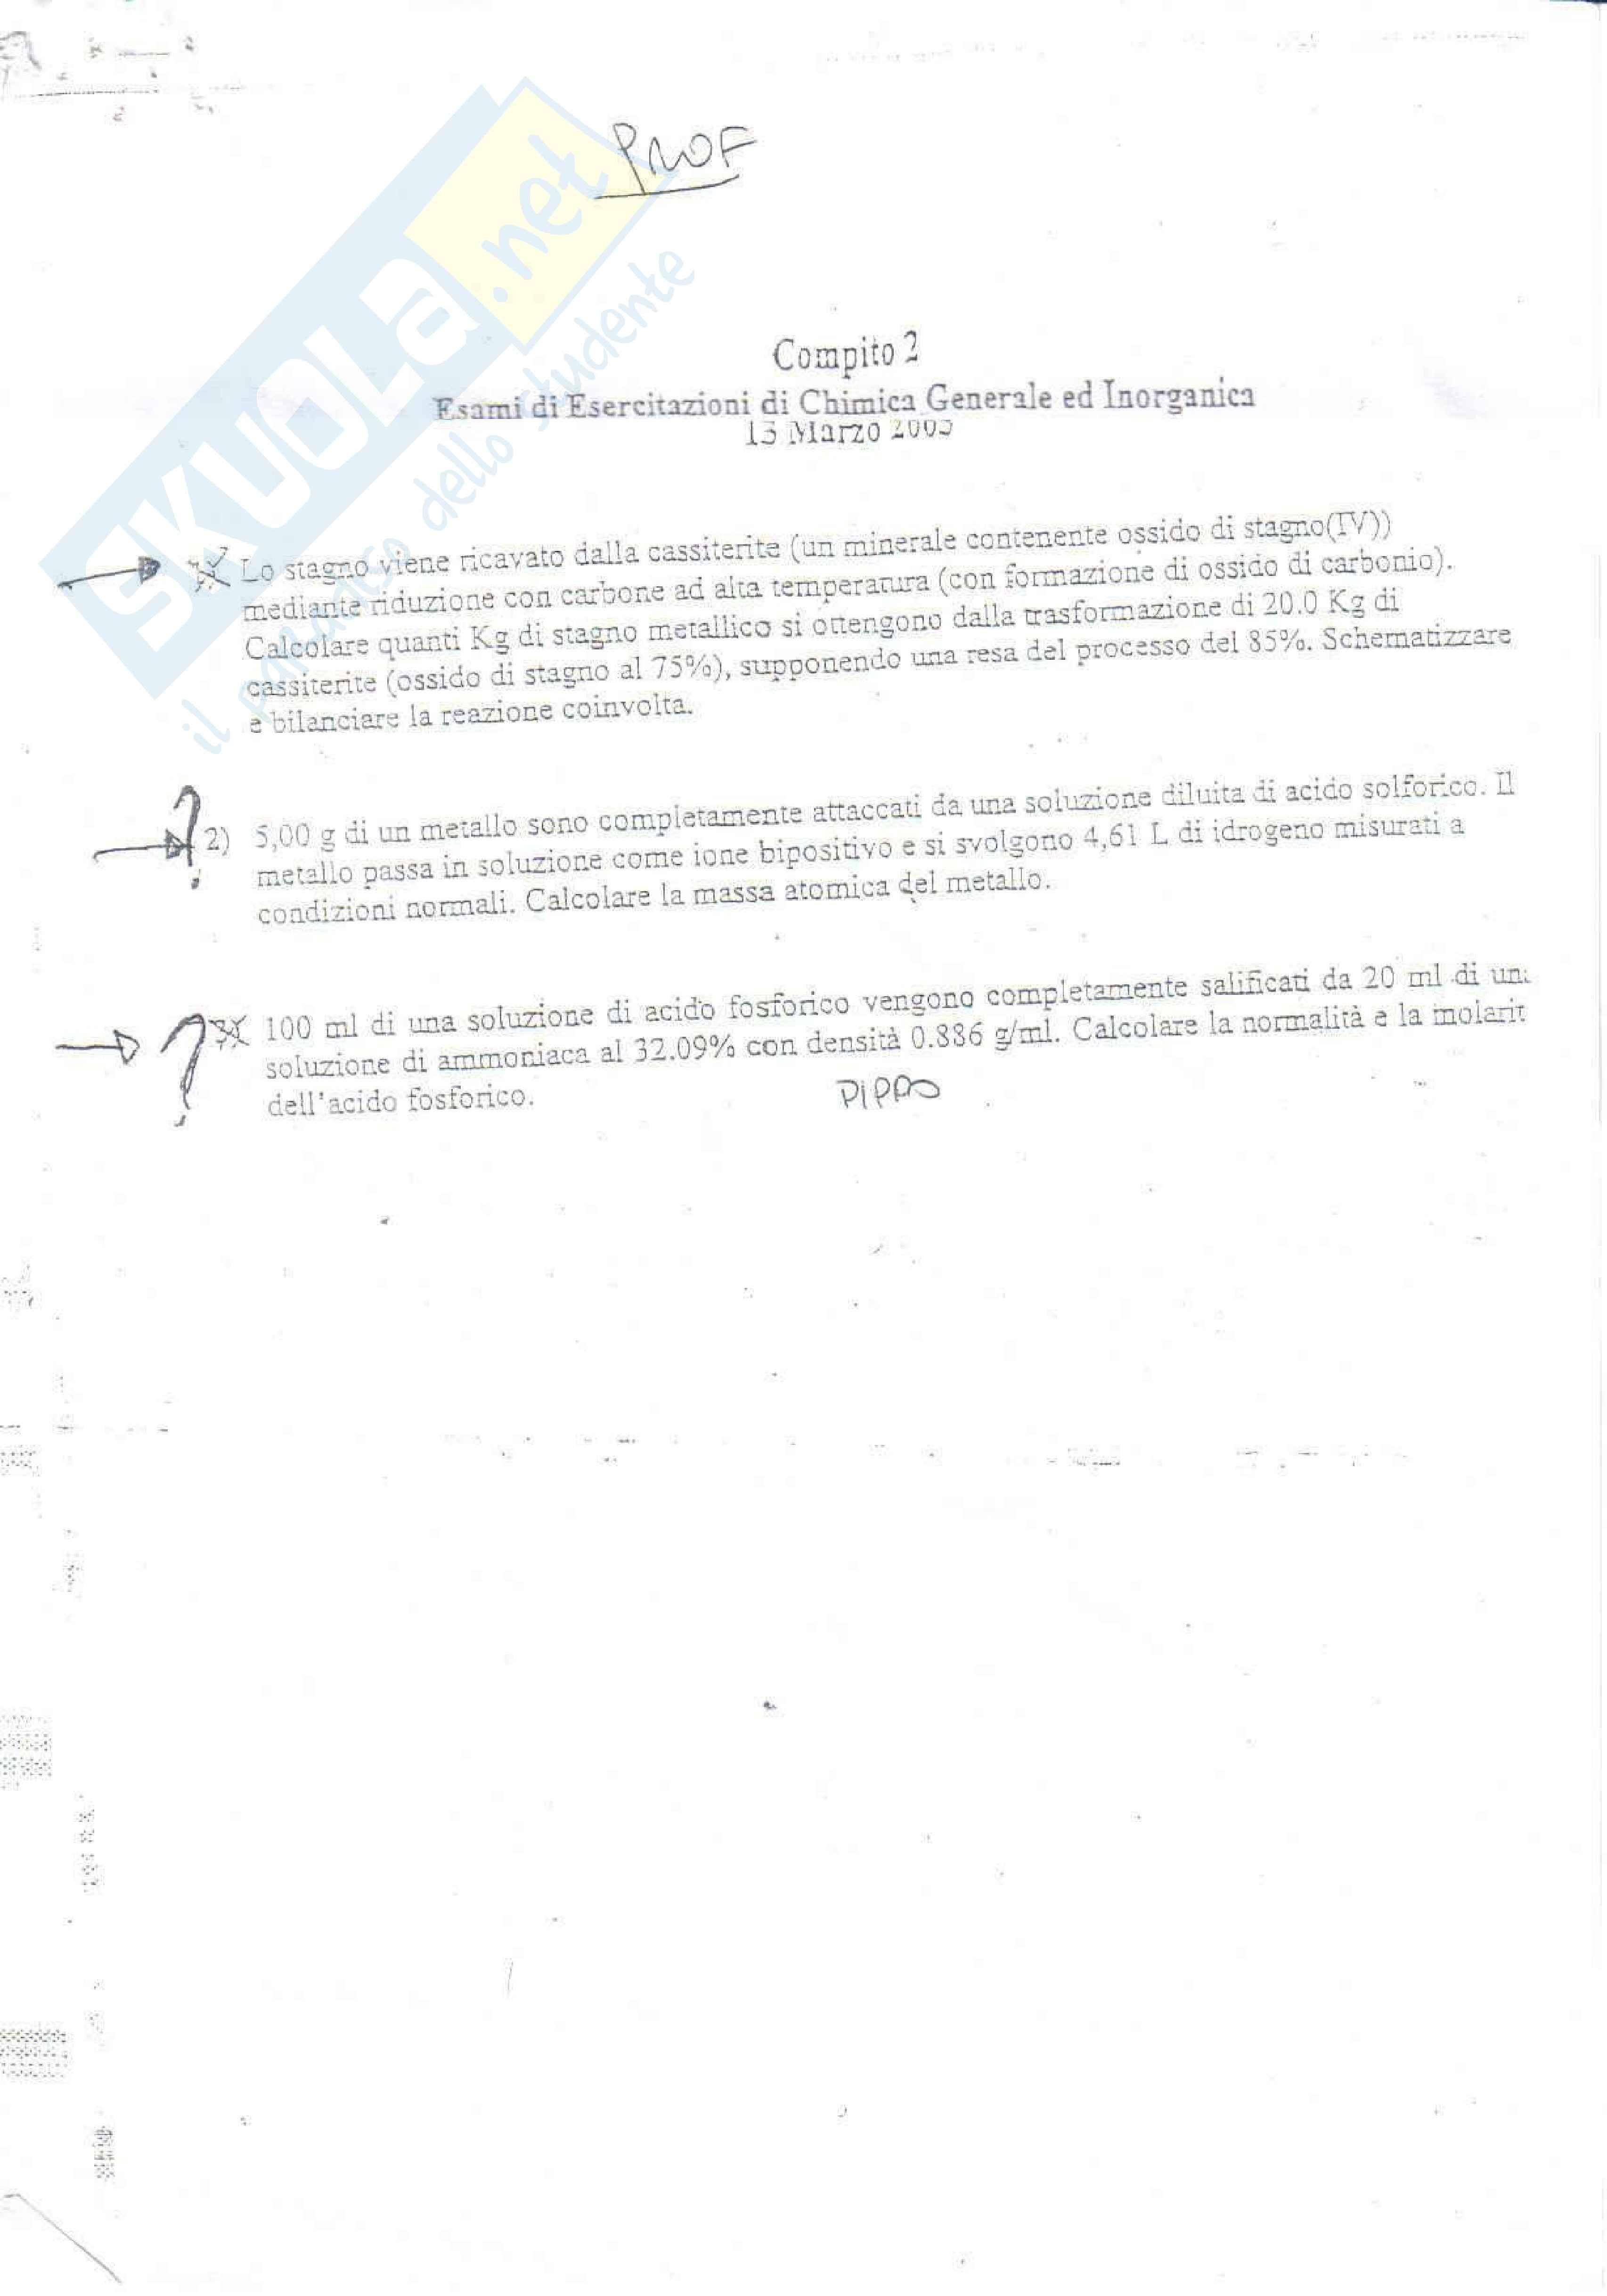 Chimica generale e inorganica - prova marzo 2003